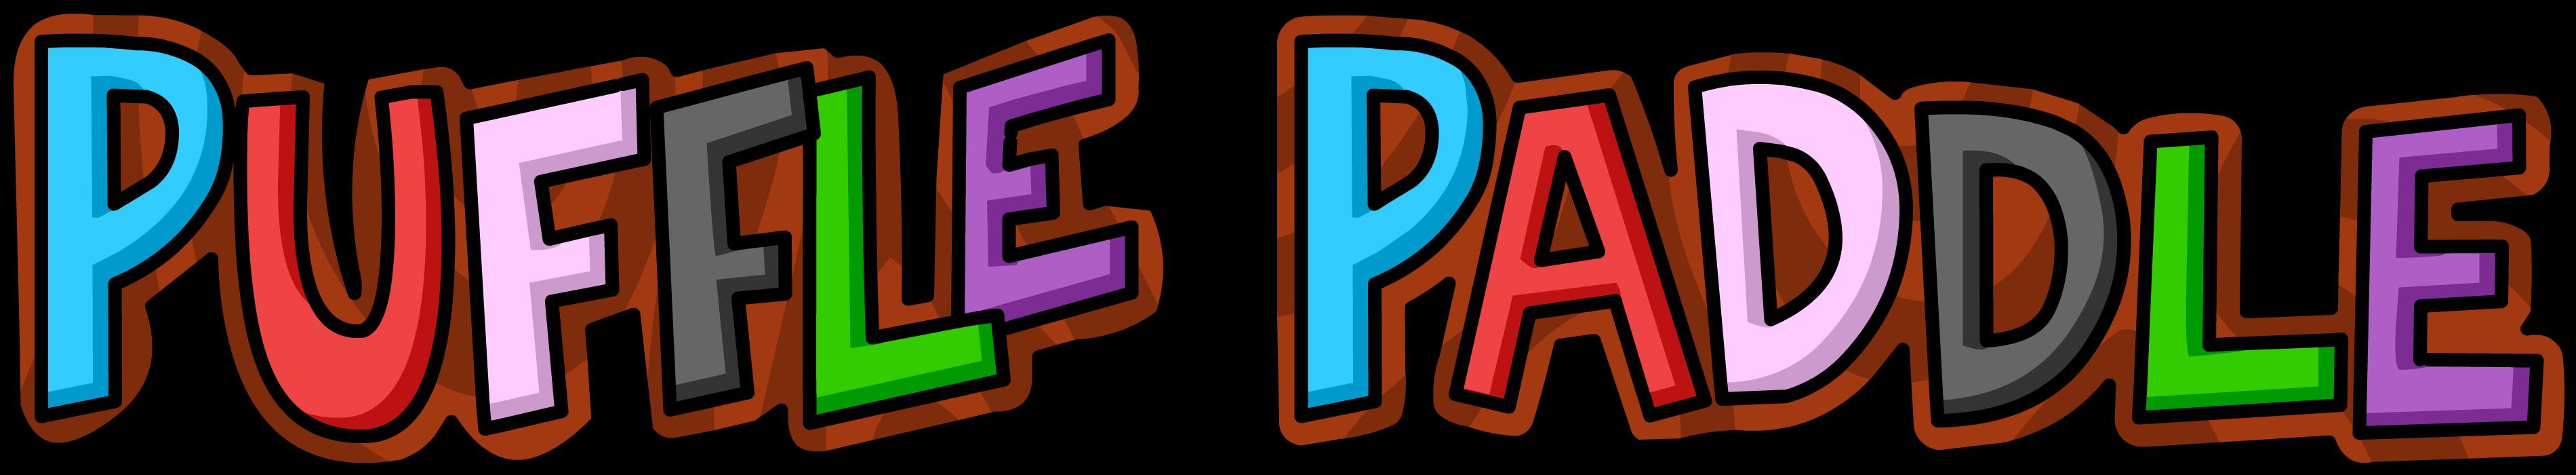 Puffle Paddle